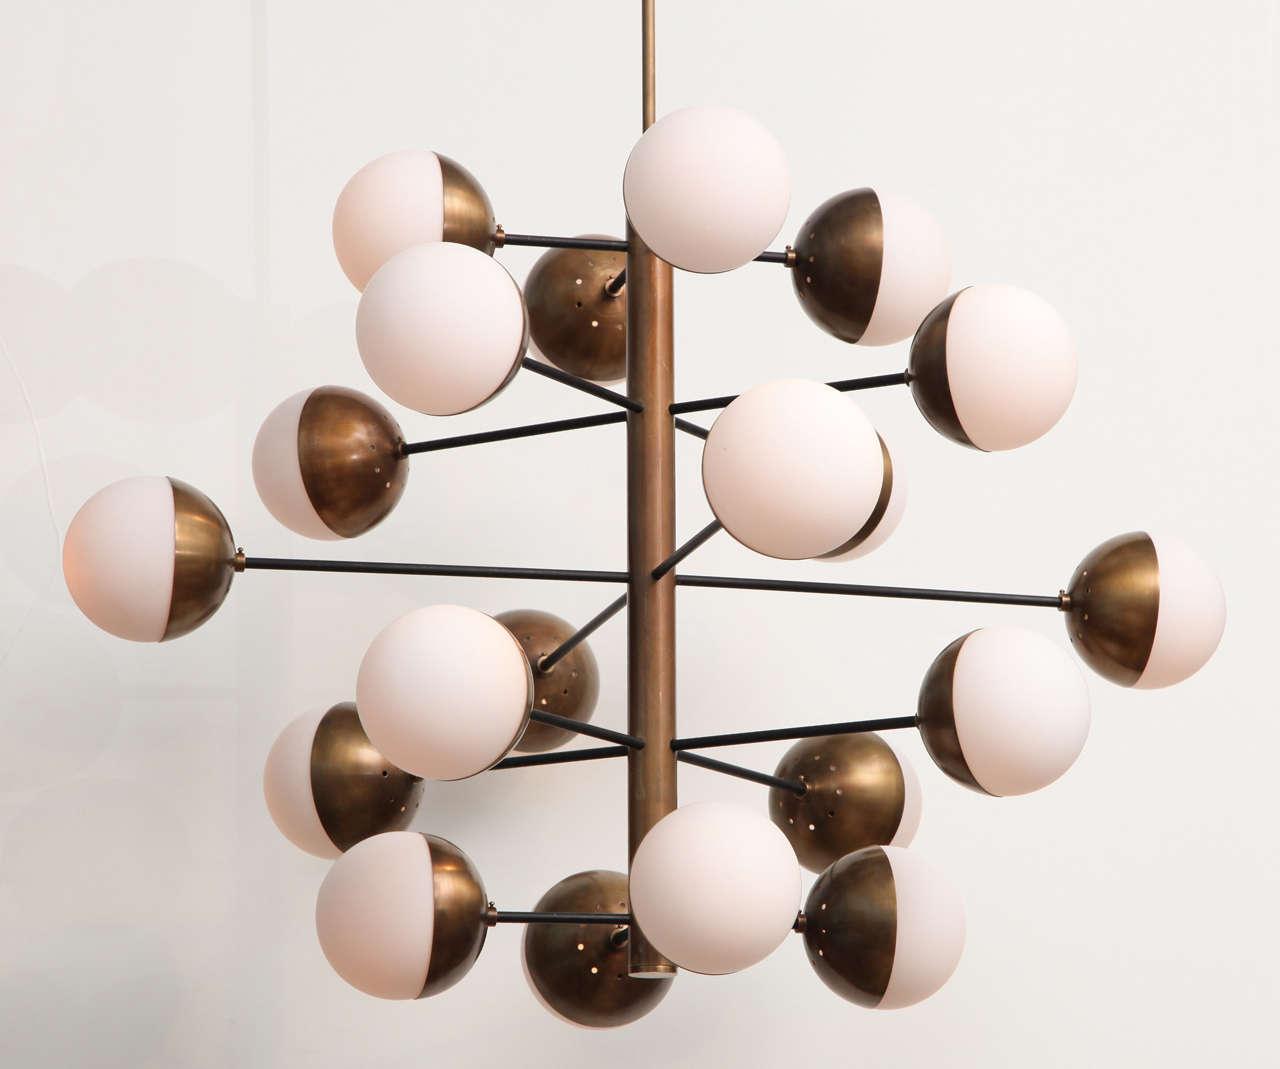 Italian Rare 20-Light Chandelier by Stilnovo